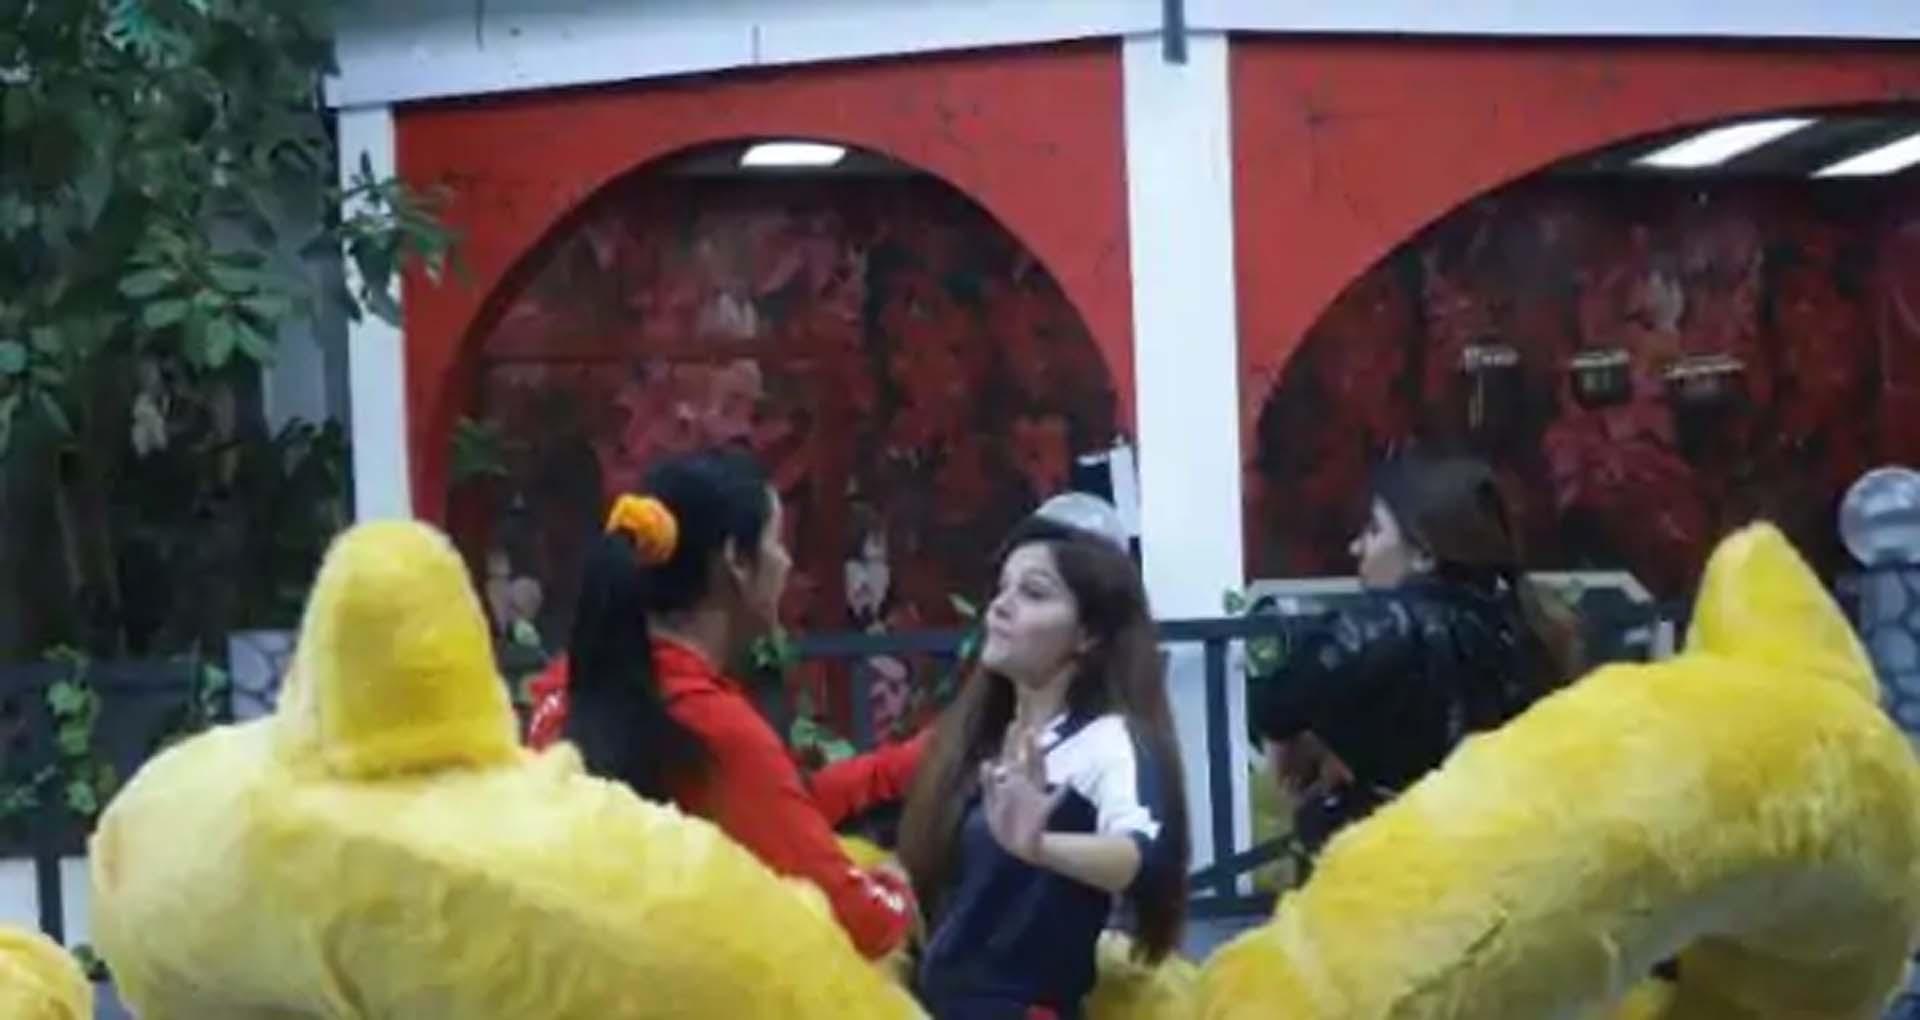 BB14: टास्क को लेकर कश्मीरा शाह और निक्की में हुई जमकर बहस, कश्मीरा पर भड़कीं रुबीना